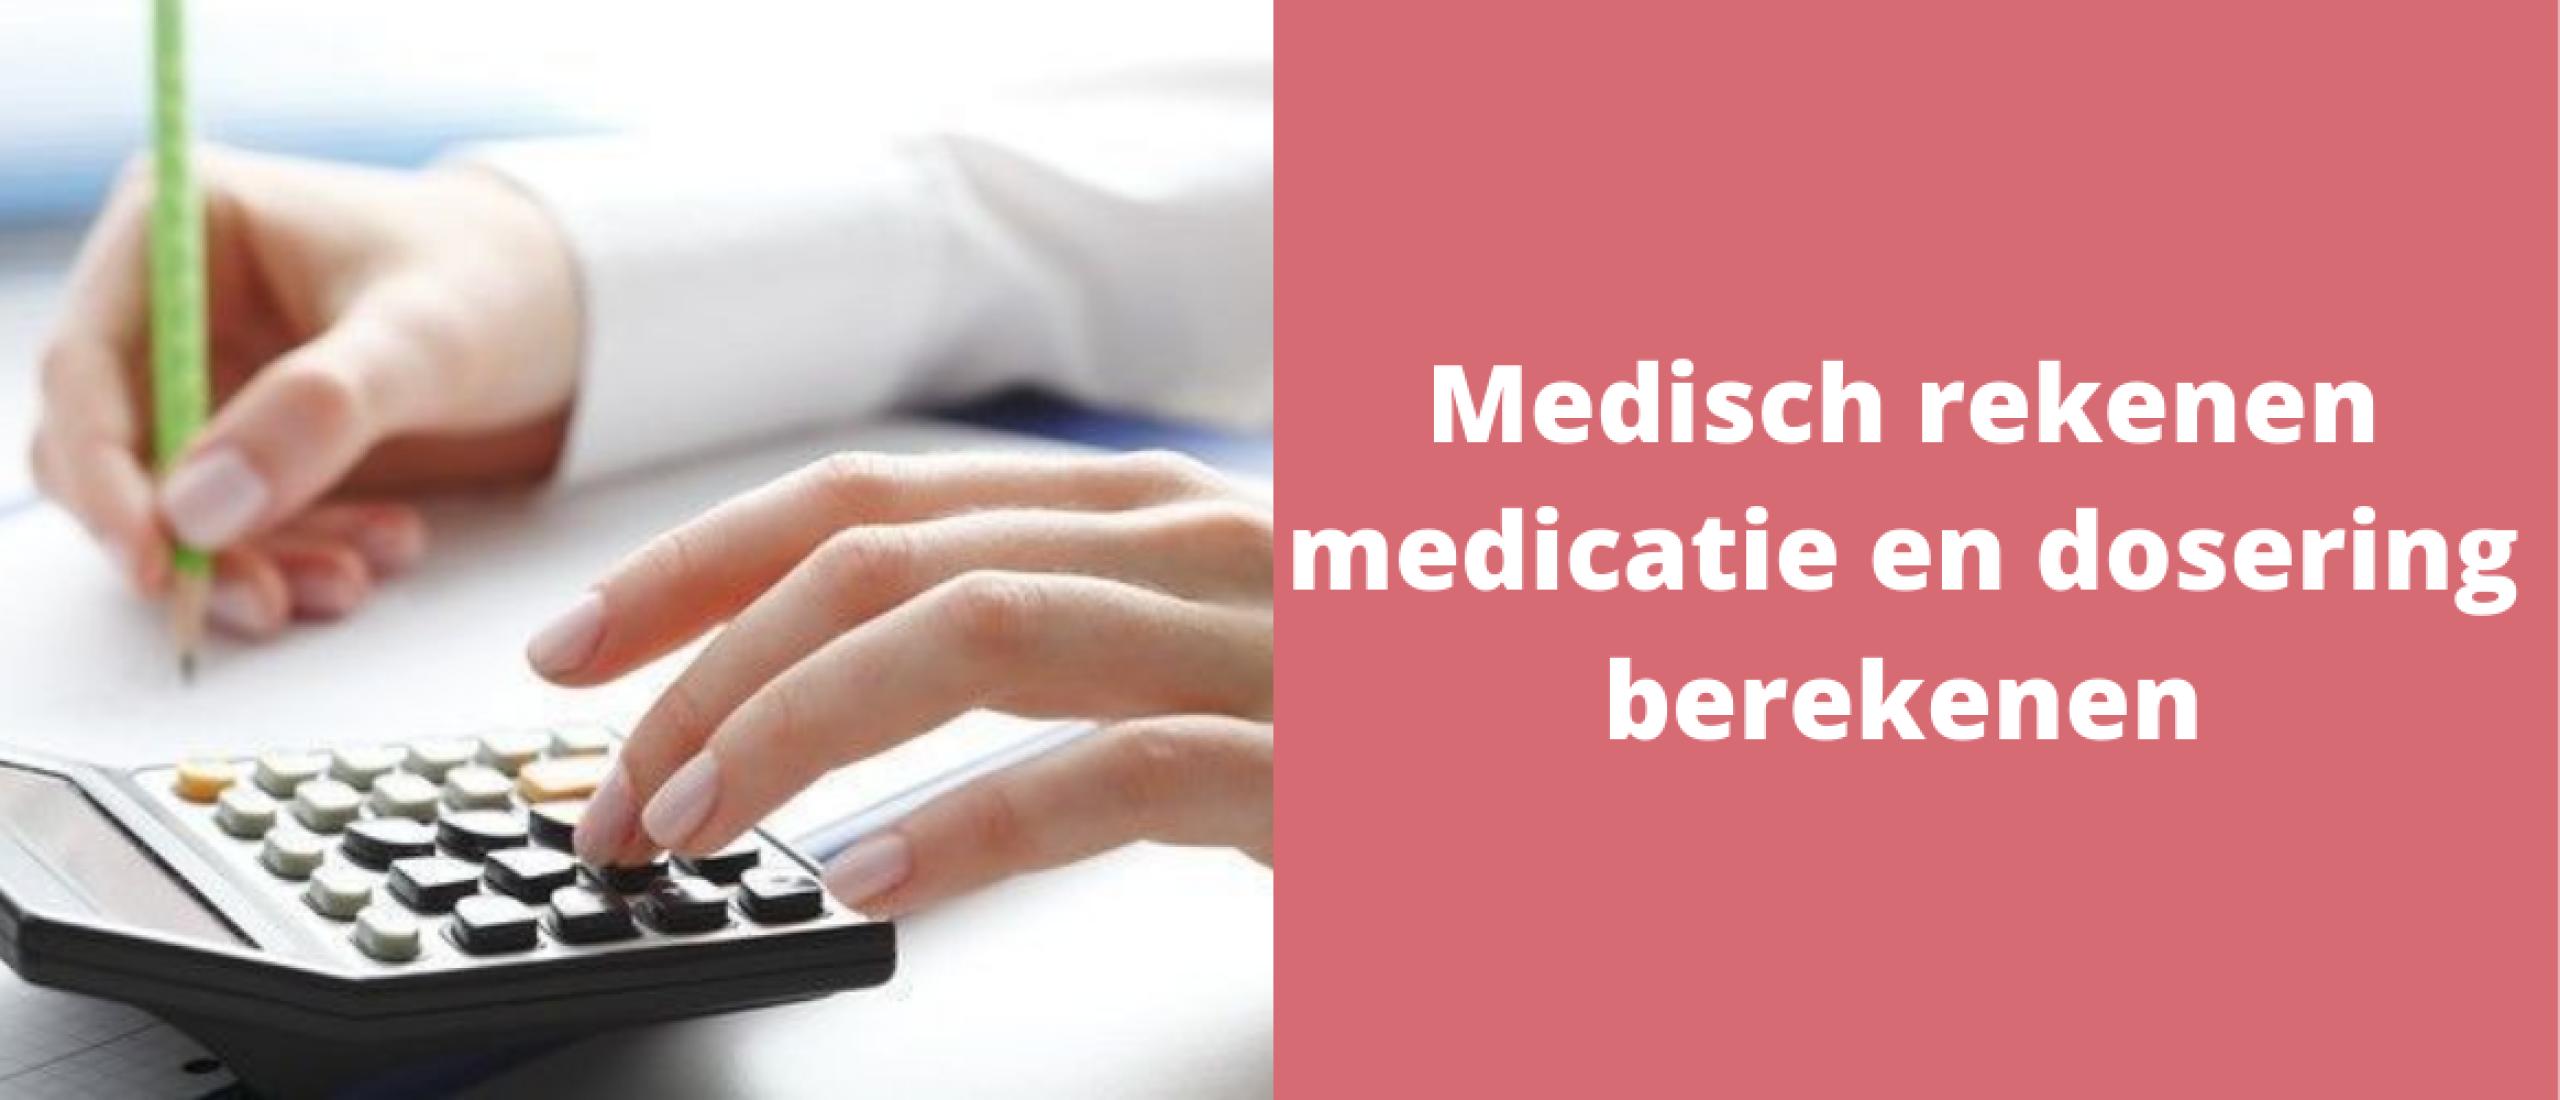 Medisch rekenen medicatie en dosering berekenen